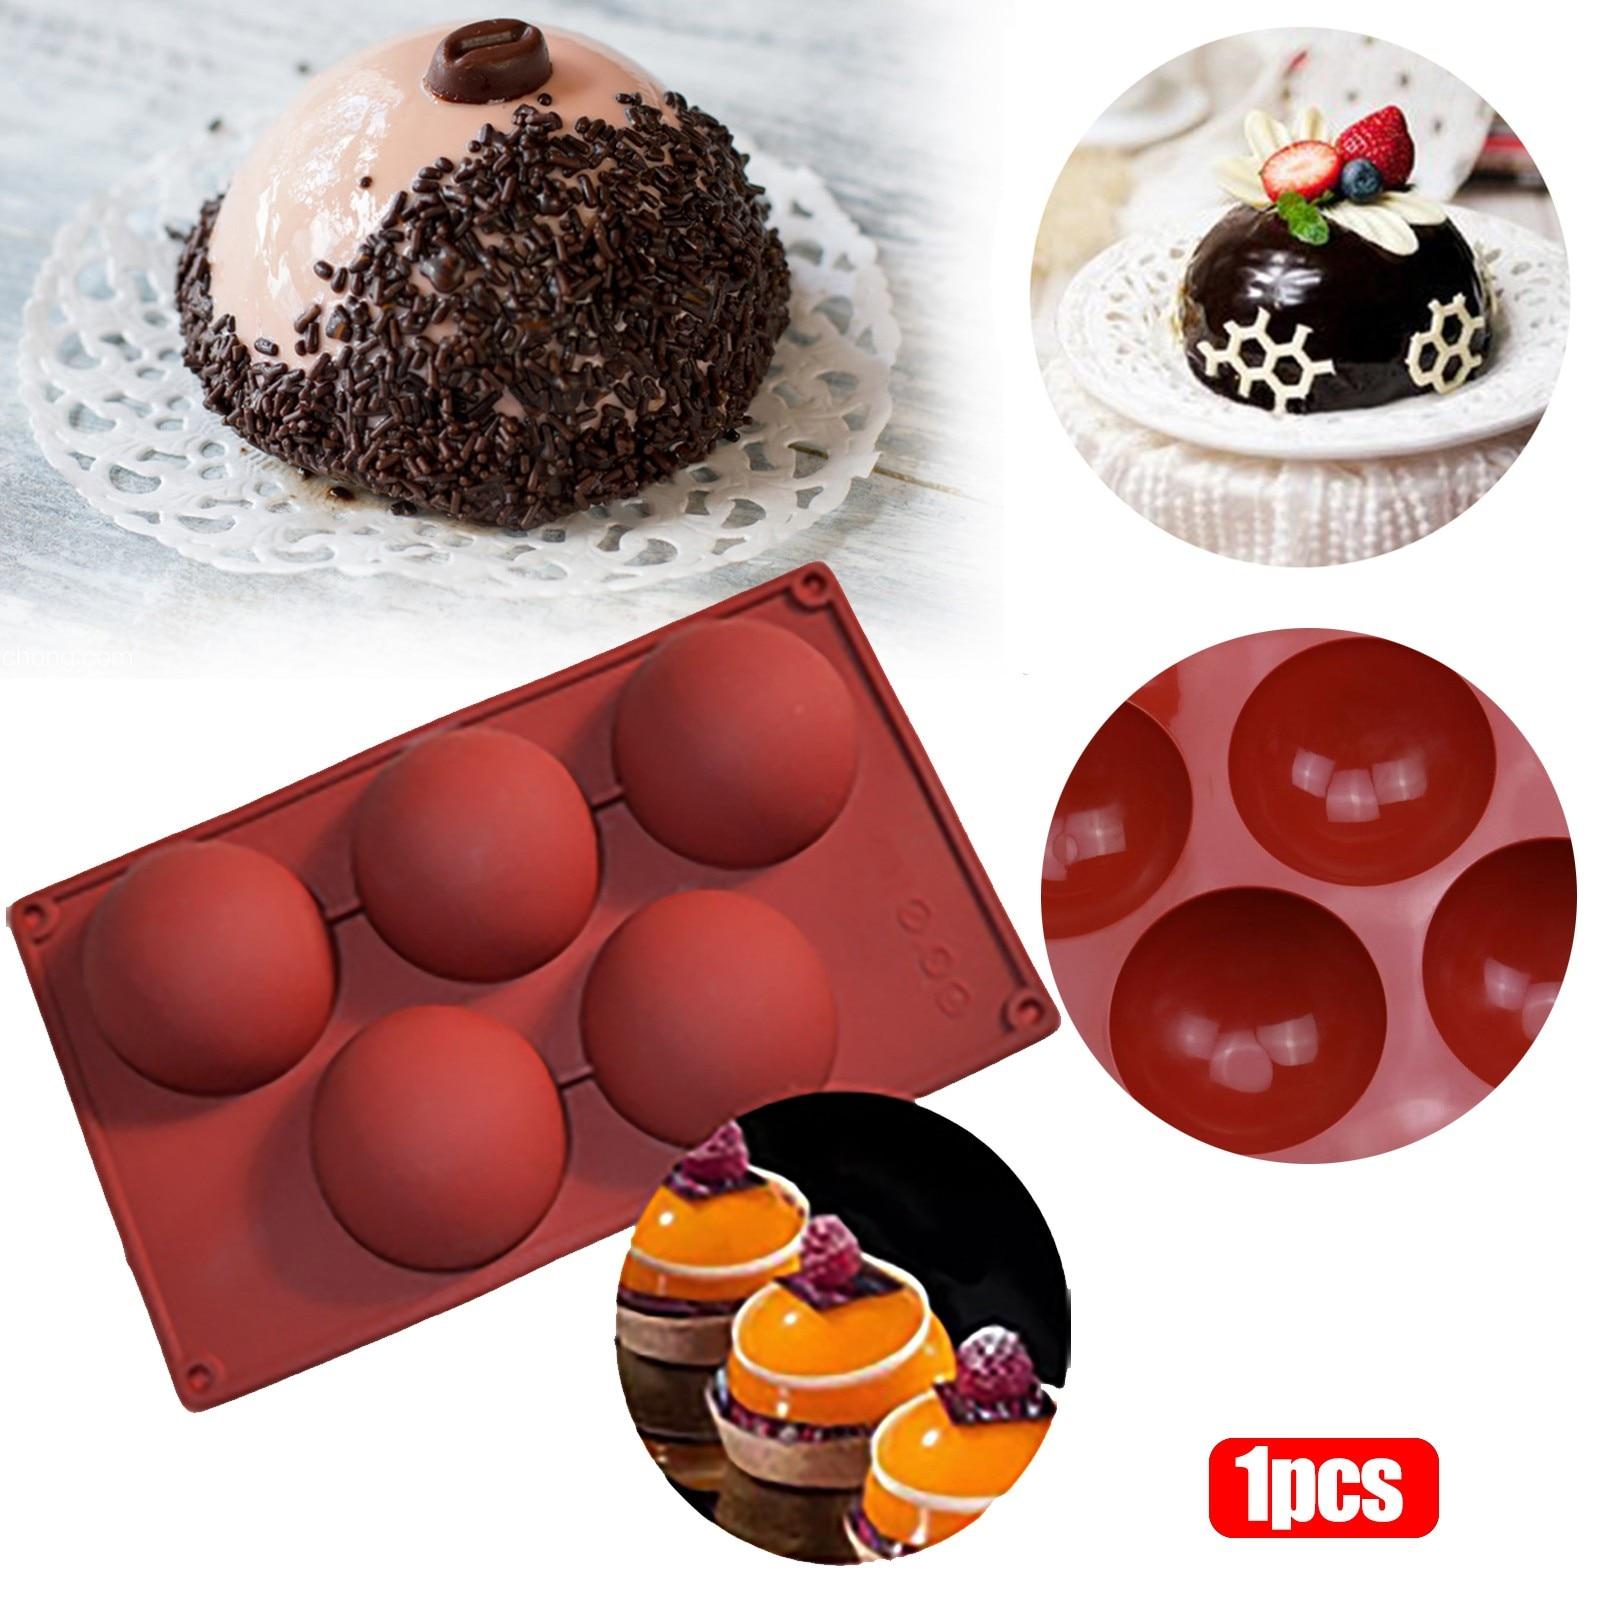 Экстра большая 5-полость полусферическая силиконовая форма, 1/2 упаковки формы для выпечки для изготовления шоколада, торта, желе, купола M ^ ousse